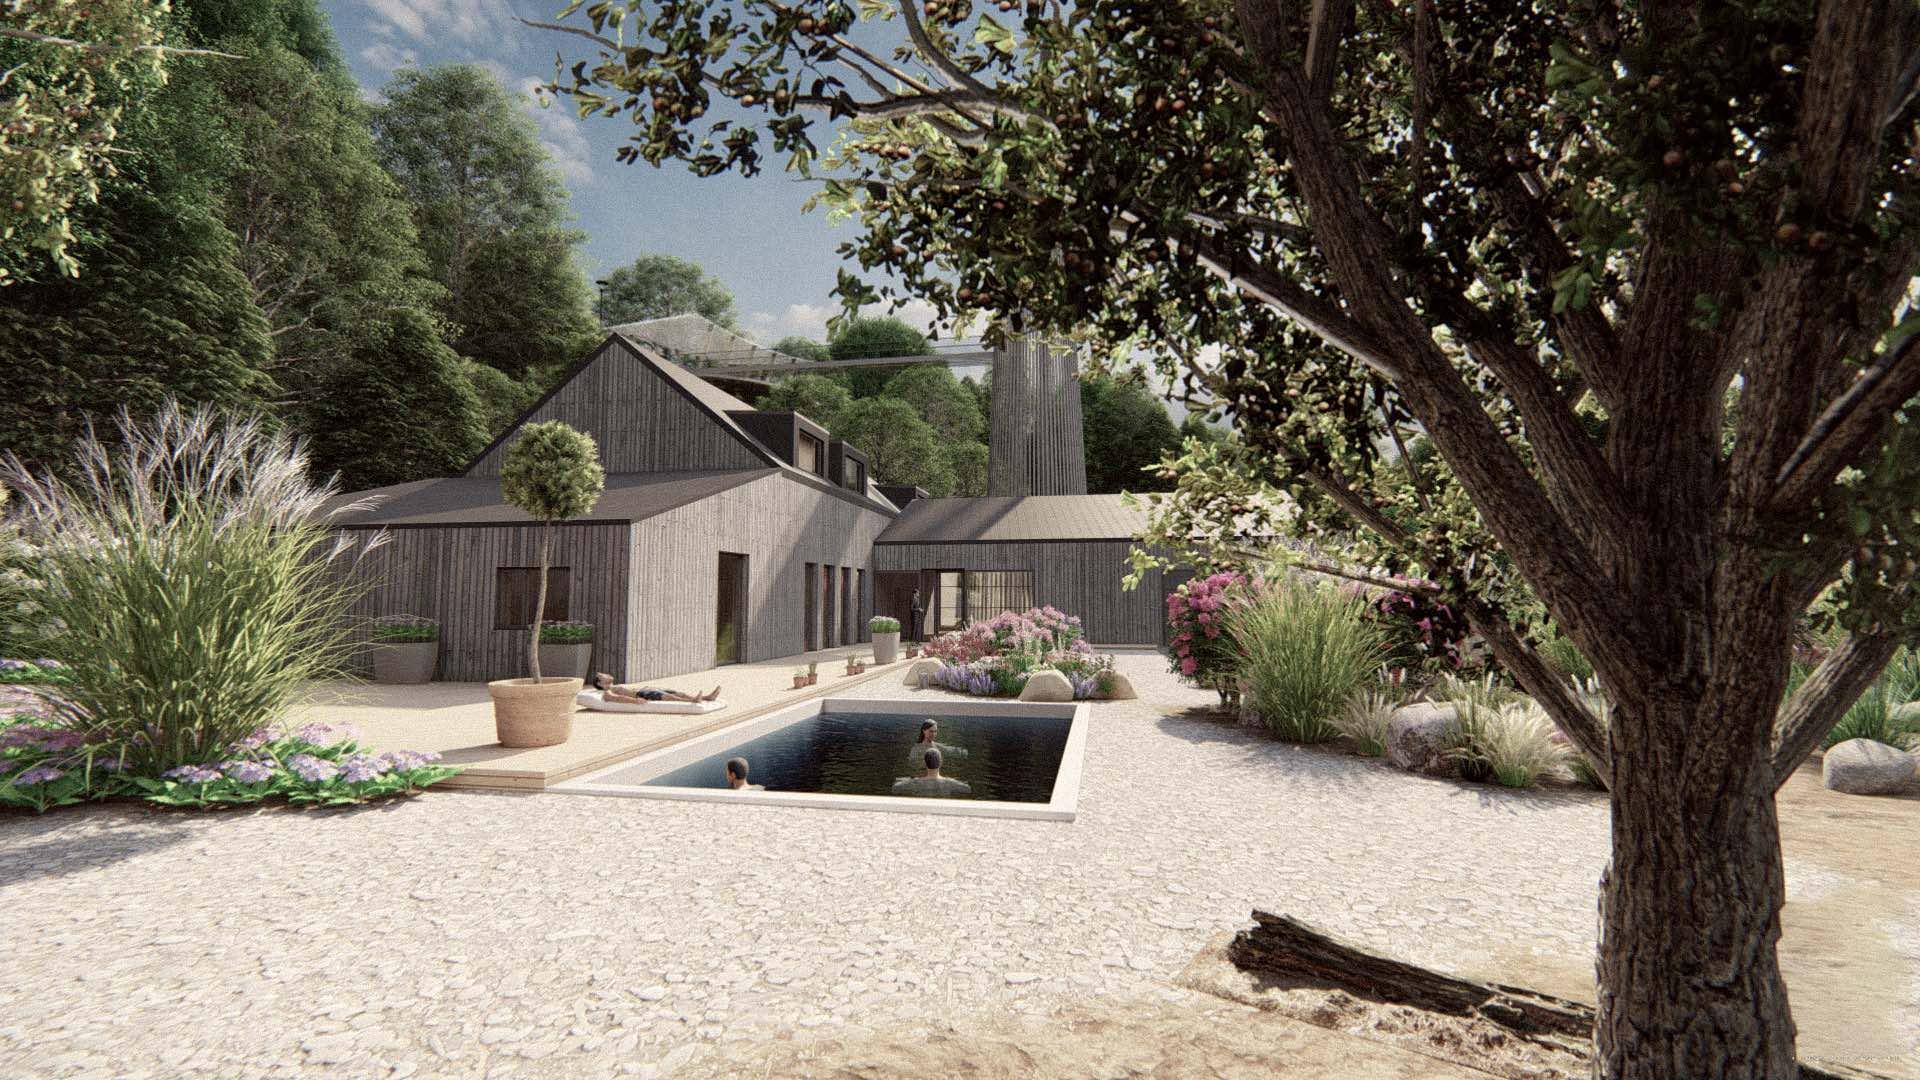 Rezidence Jenerálka KKCG - vizualizace domu správce. Autor: Kurz architekti